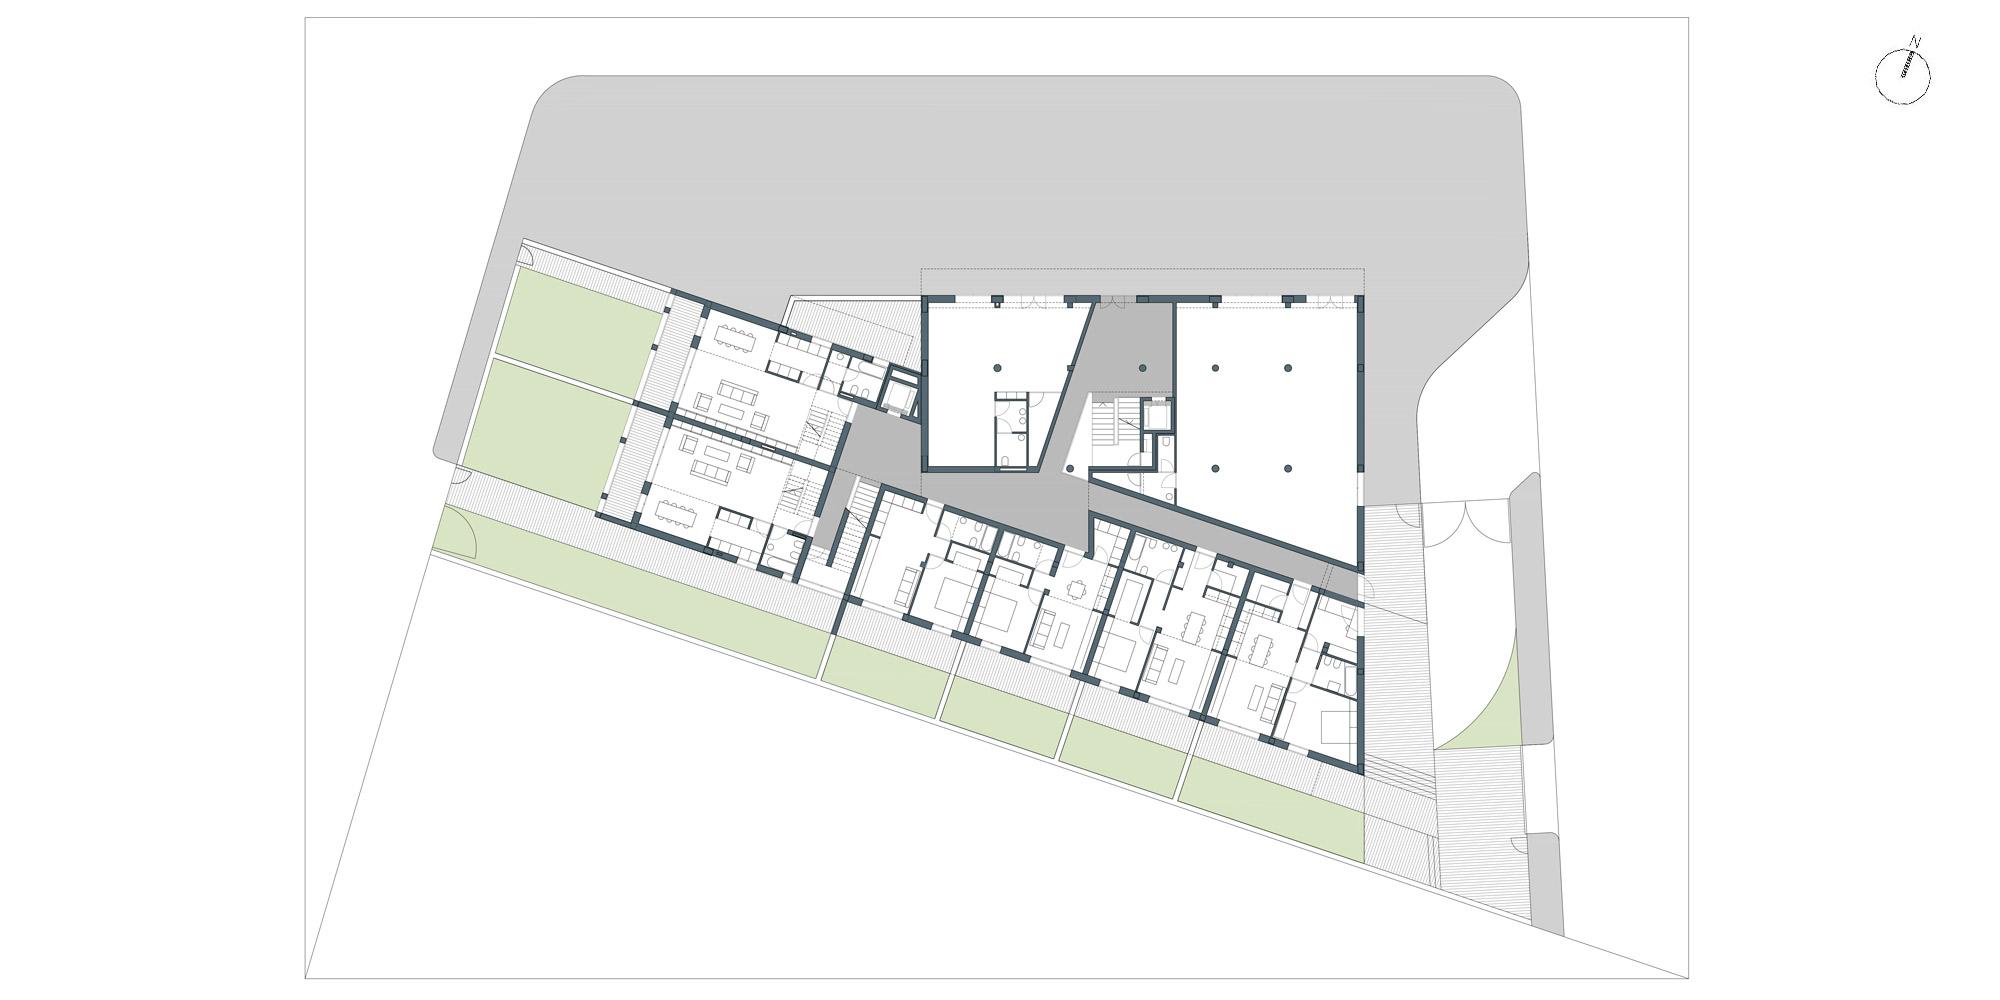 Pianta piano terra © Netti Architetti